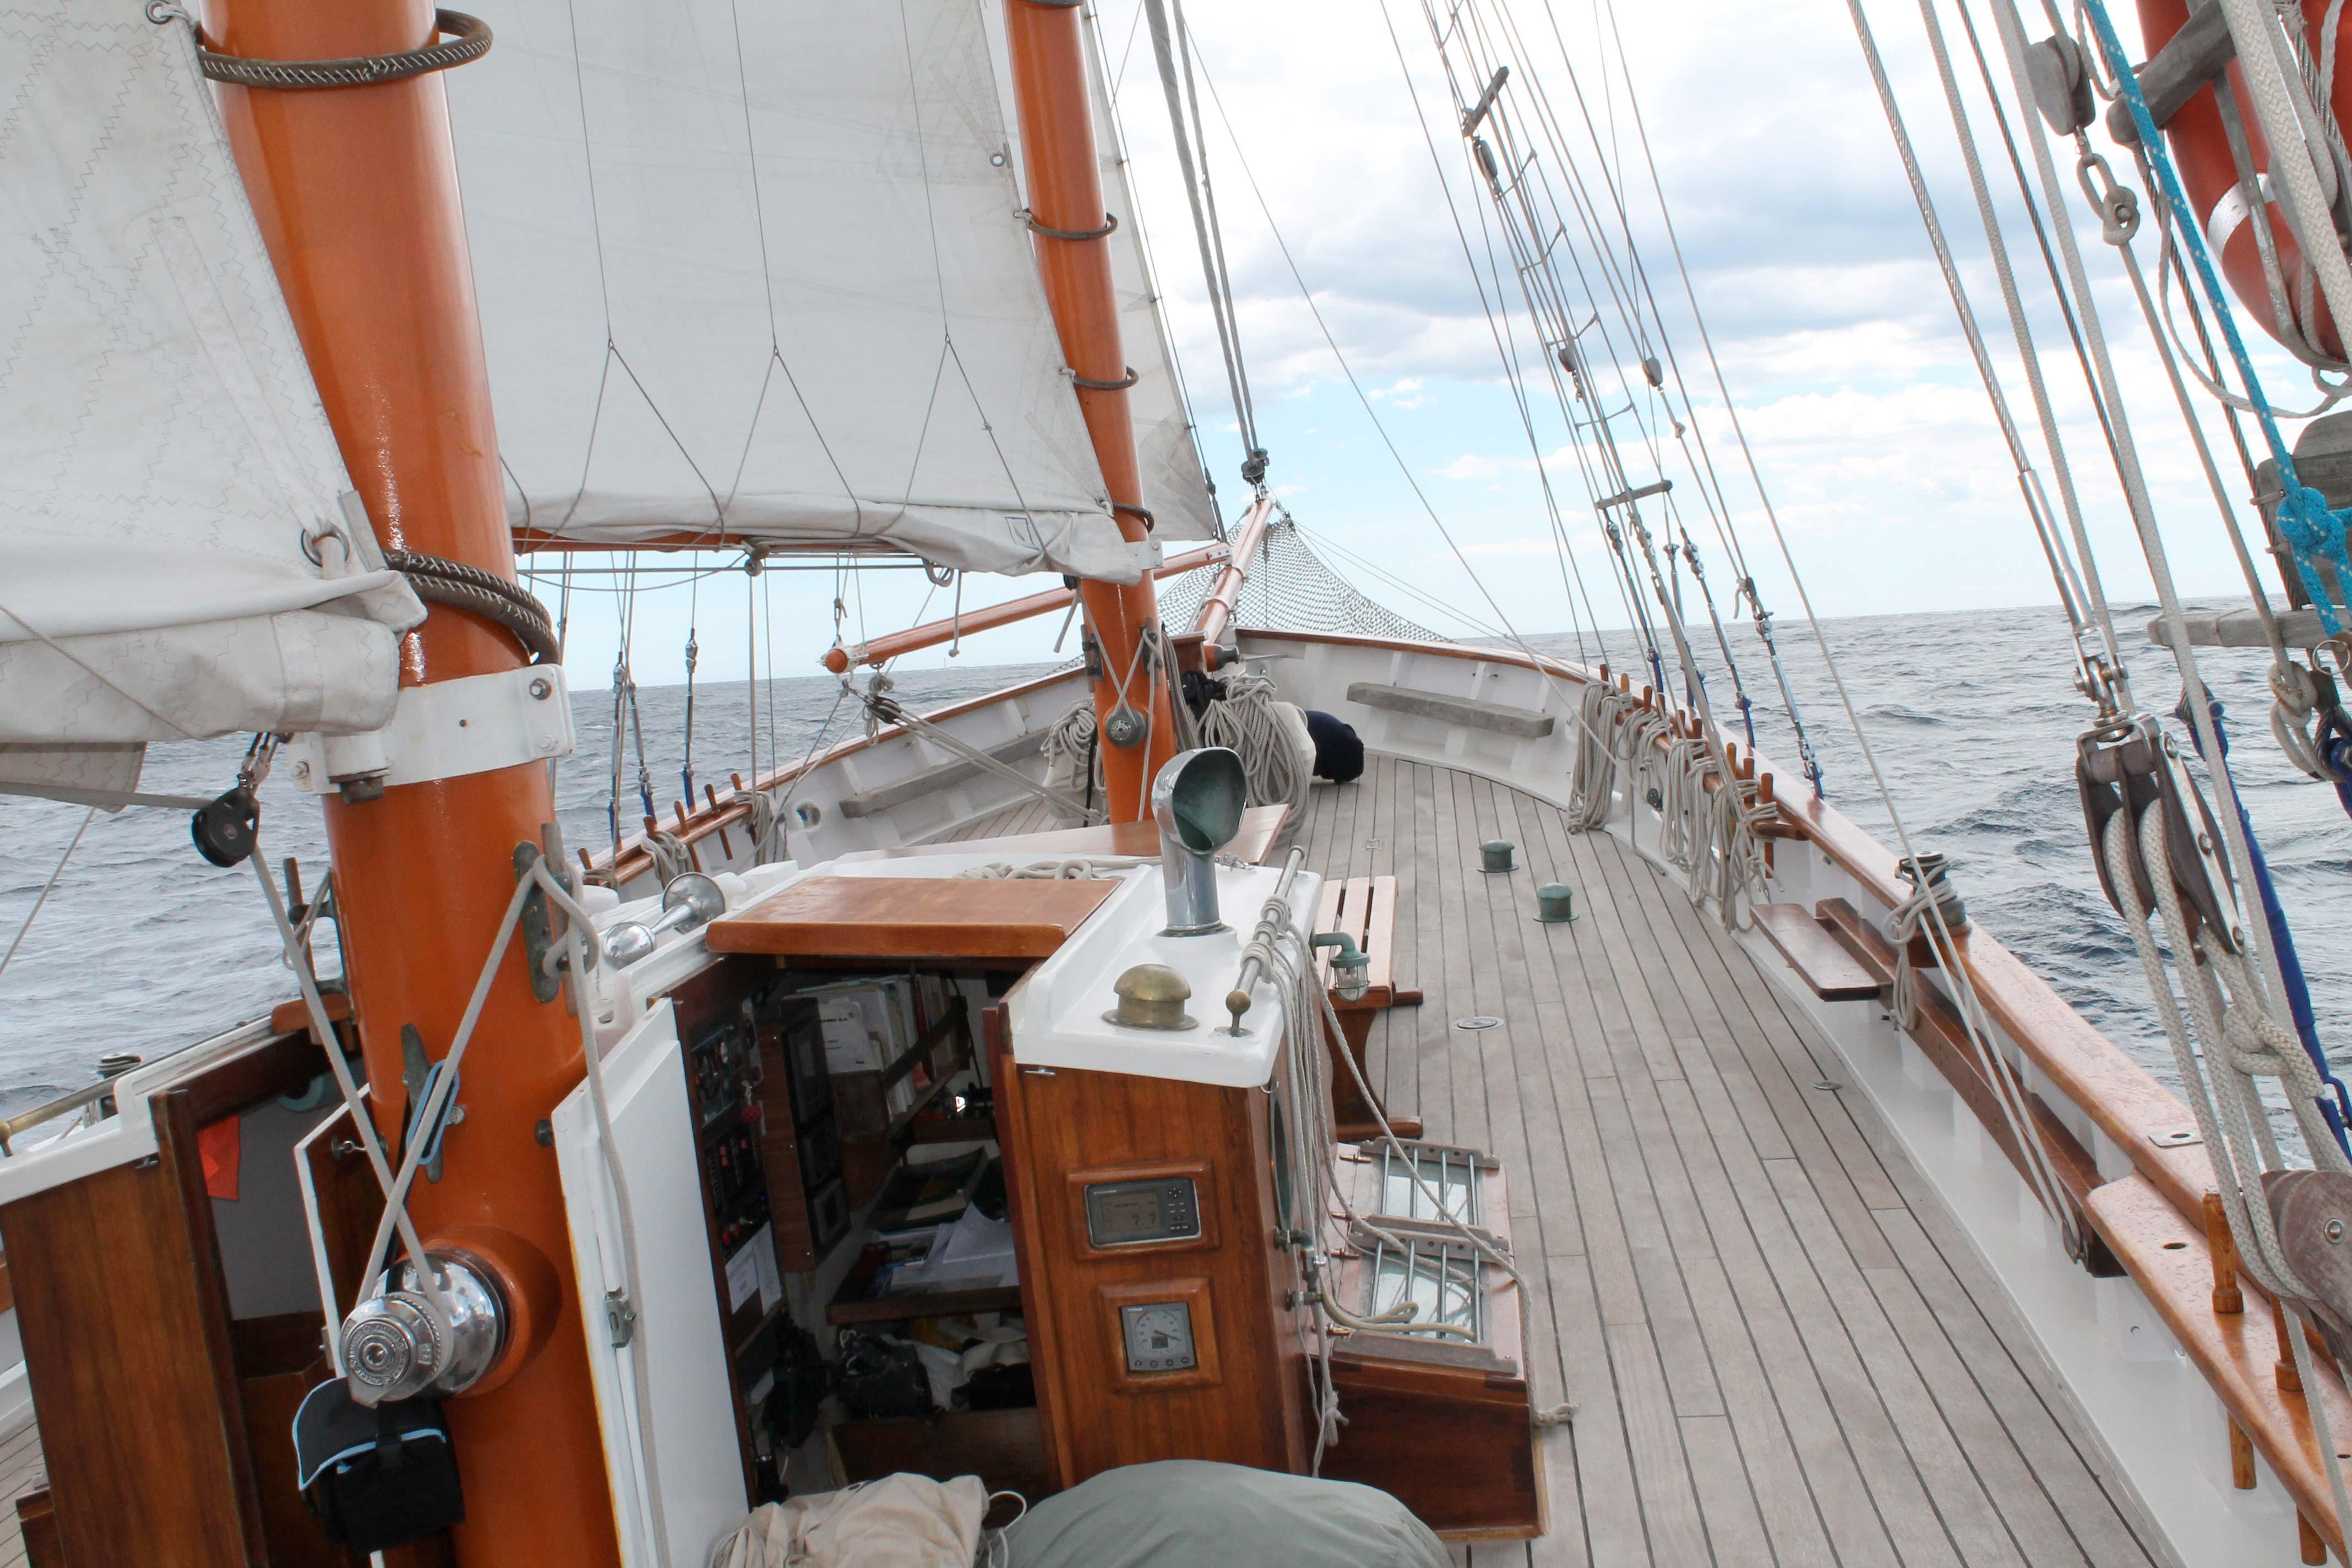 Wine and saiboat, deck